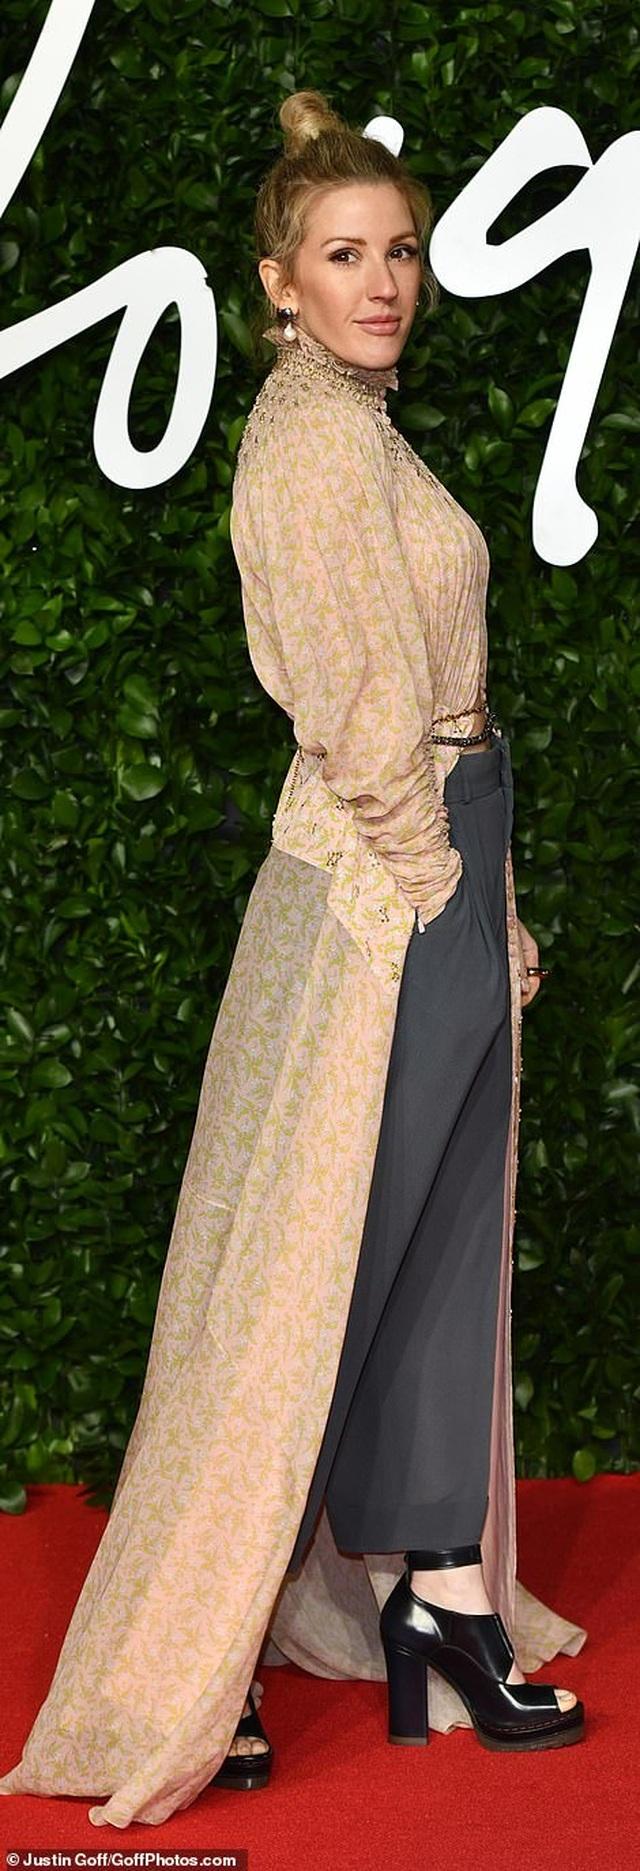 Siêu mẫu bạch biến khoe ngực căng đầy tại lễ trao giải thời trang Anh quốc - 30